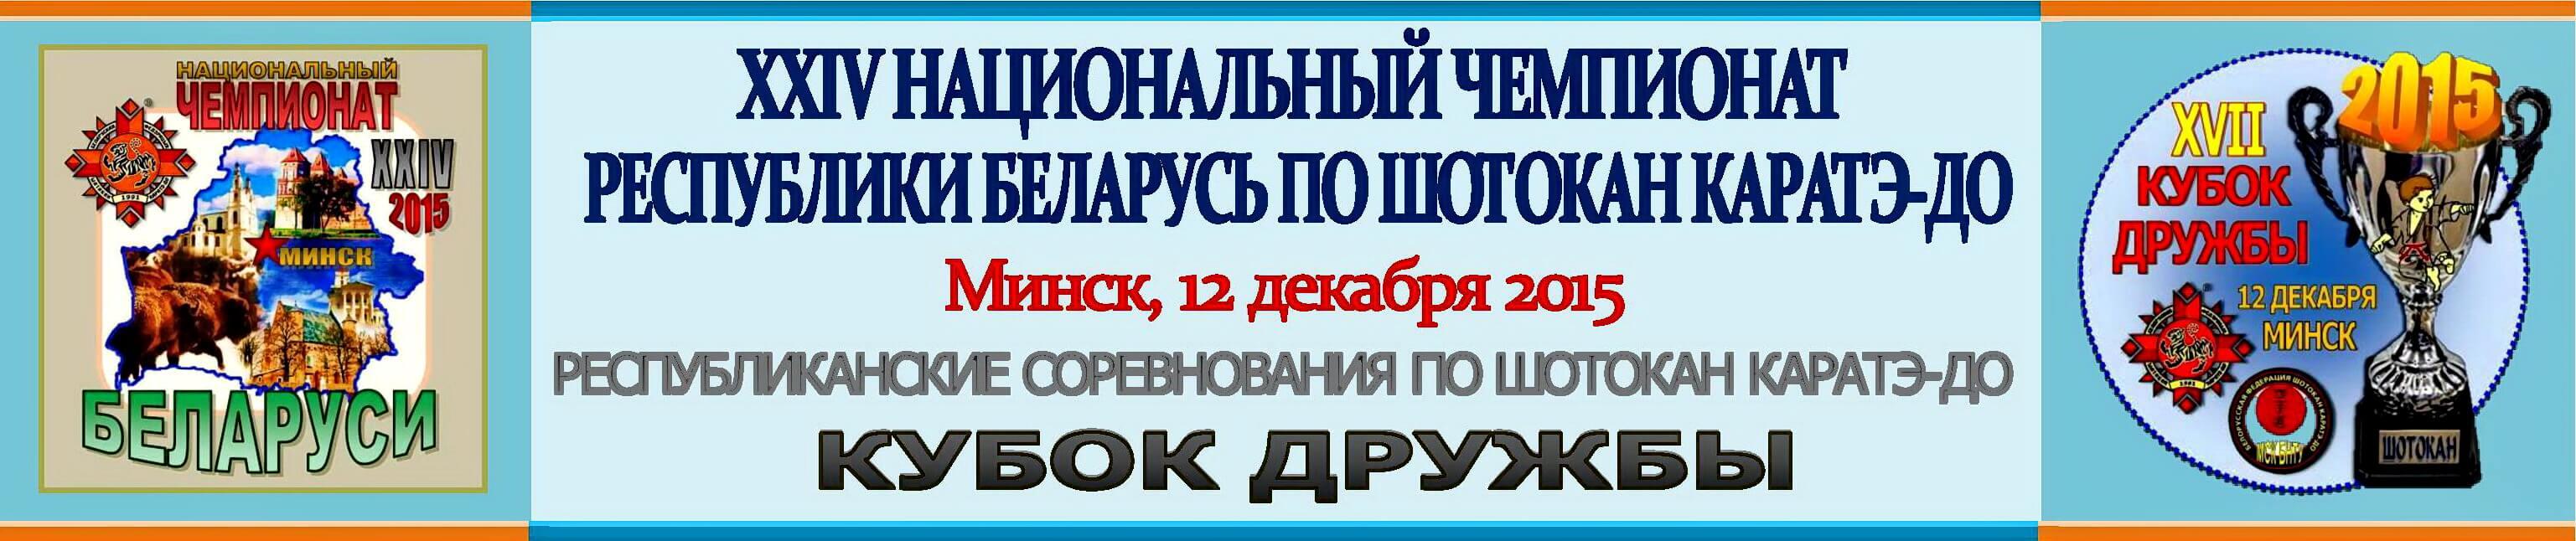 НЧРБ-2015 К-Дружбы-2015 Баннер